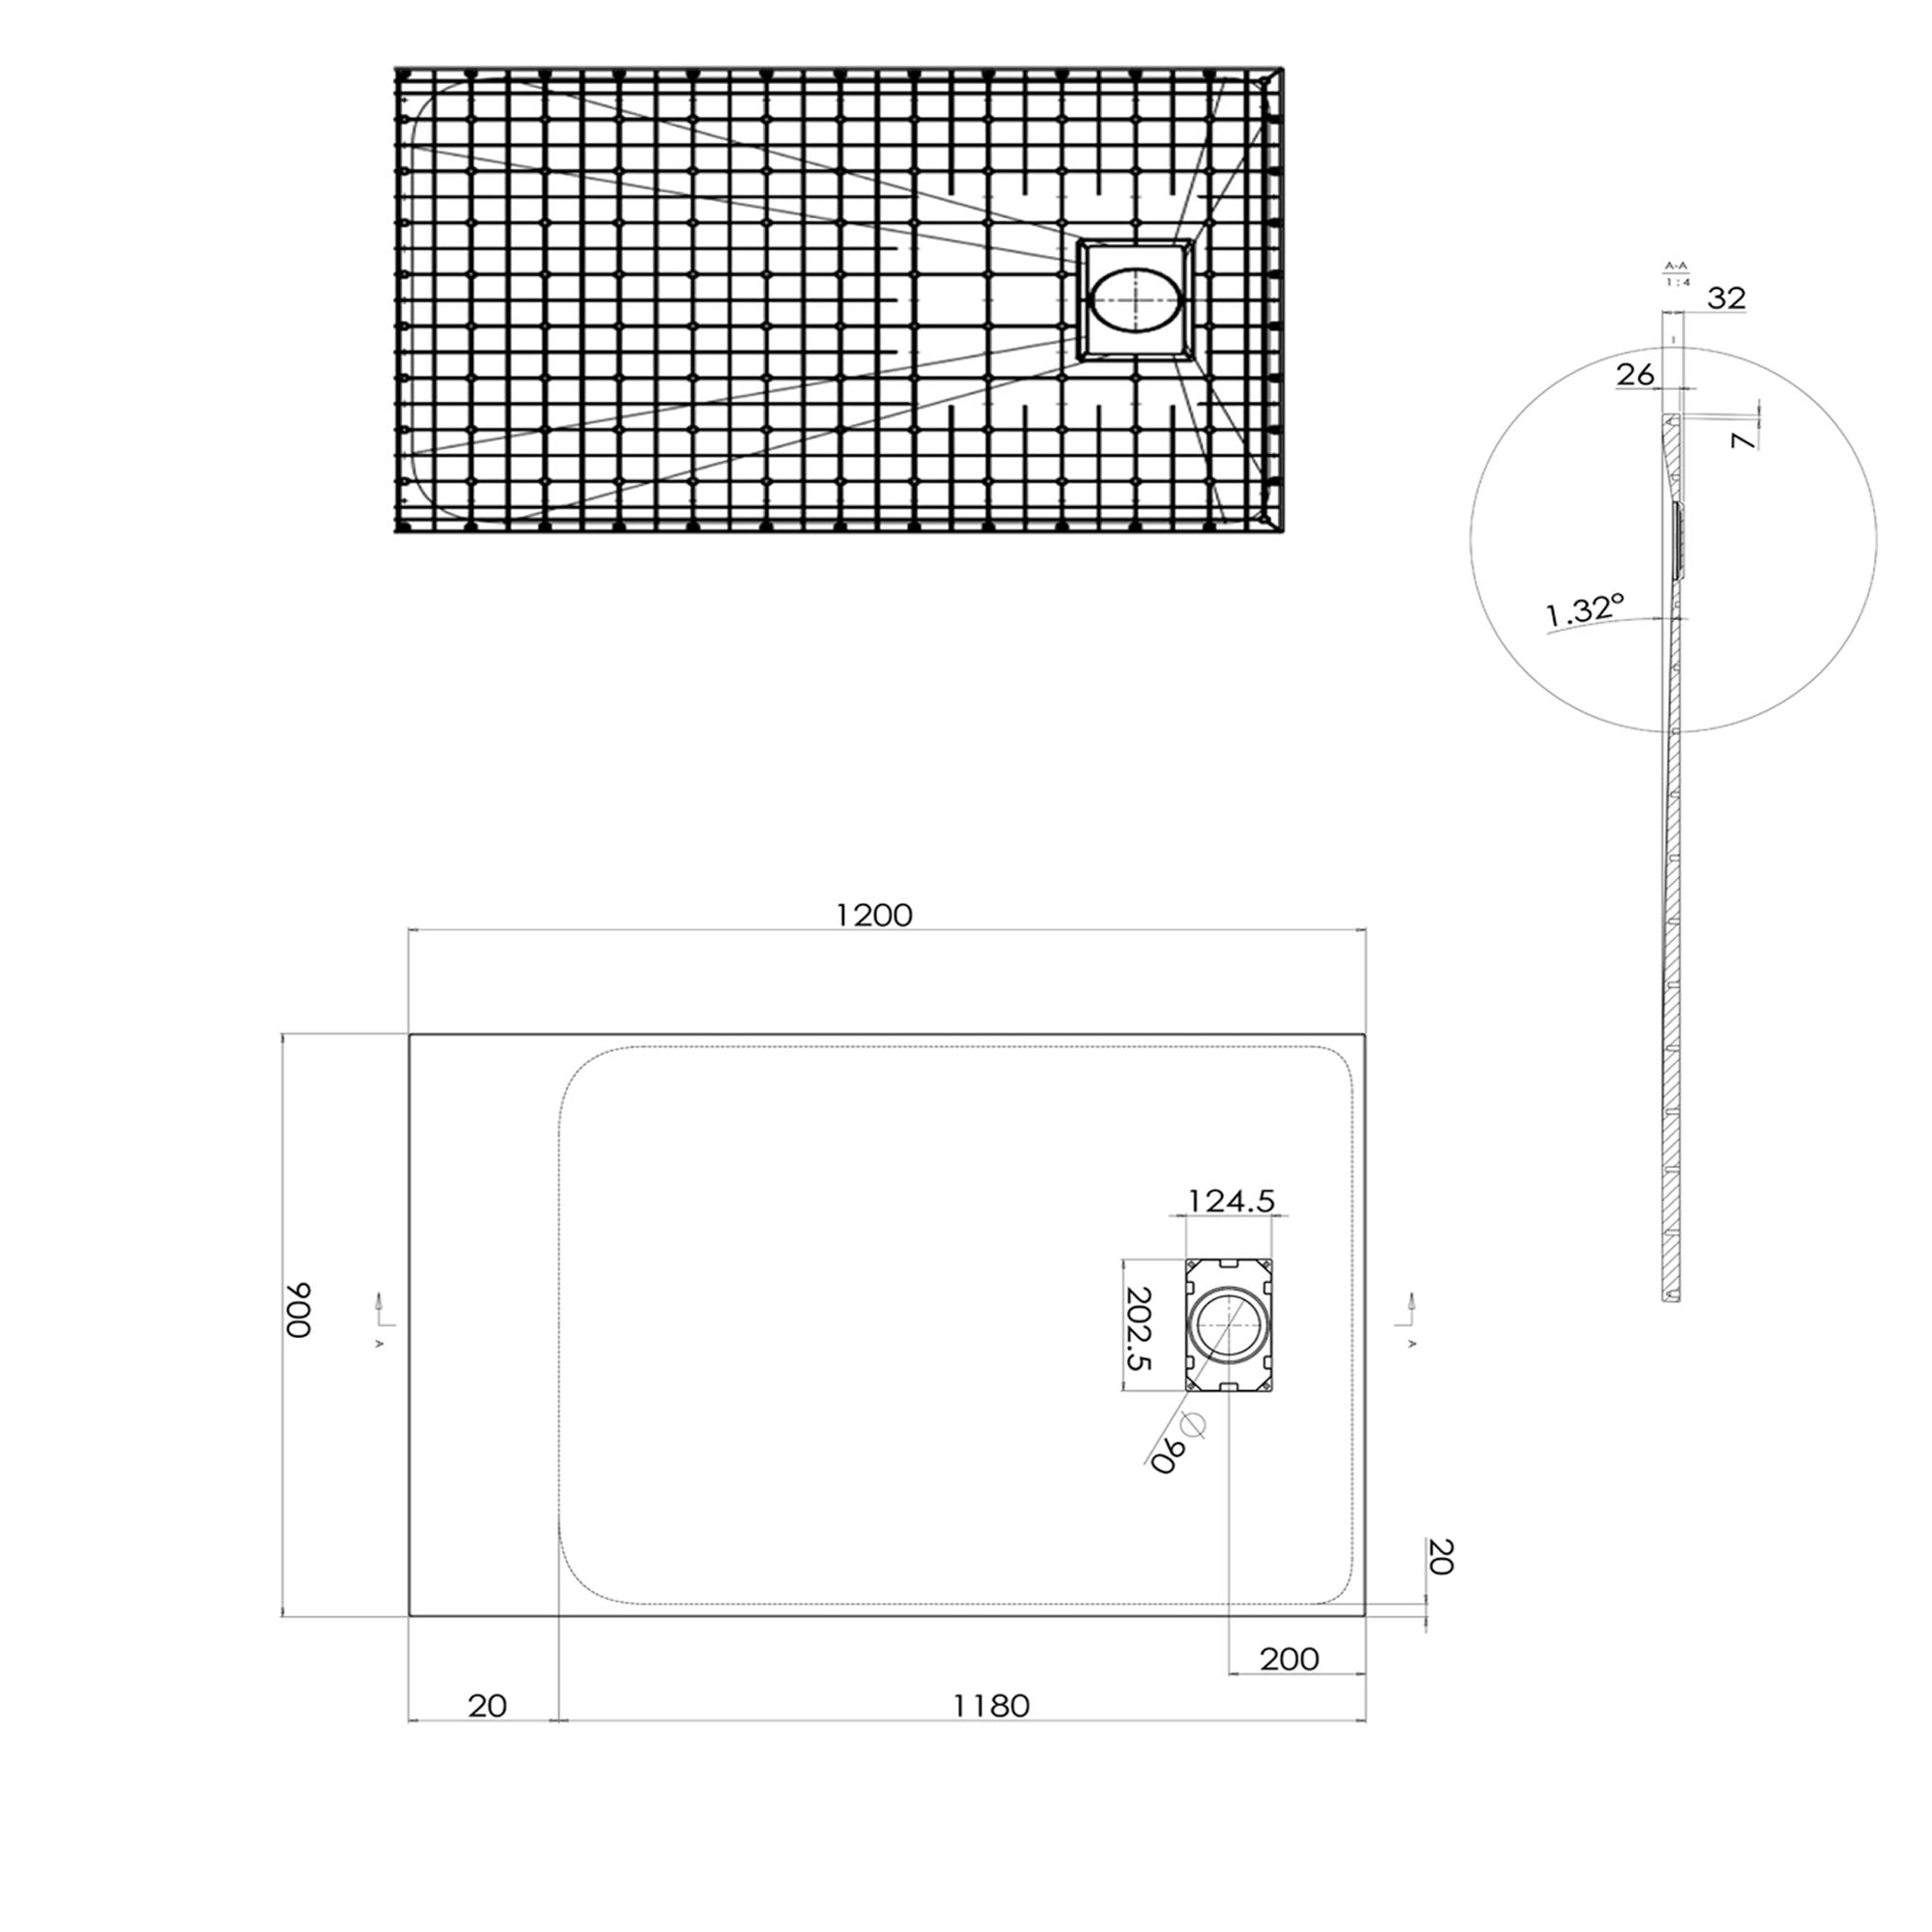 SMC Duschtasse 120cm - Zeichnung